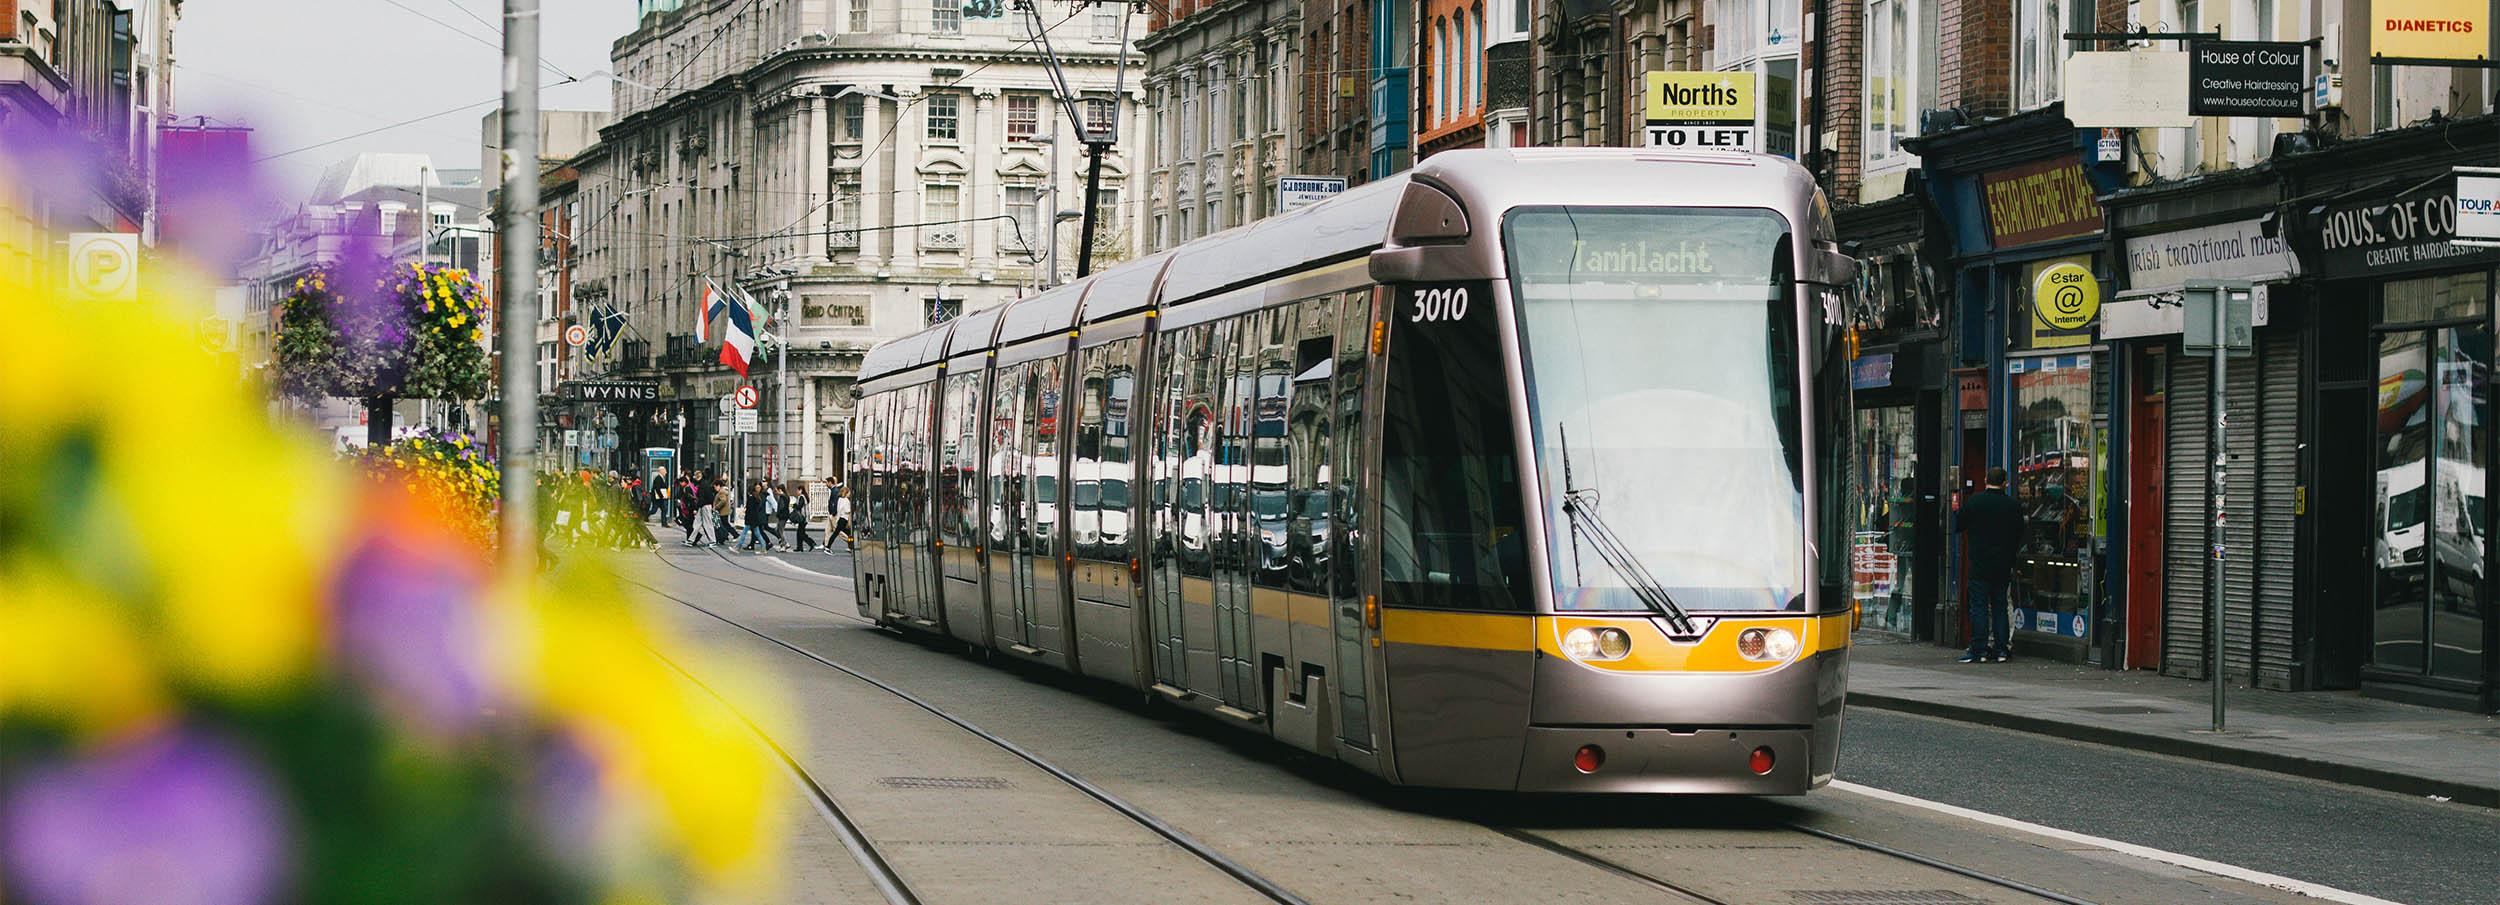 tram ps blog 02 Reise Tipps Günstig vereisen aber wie?